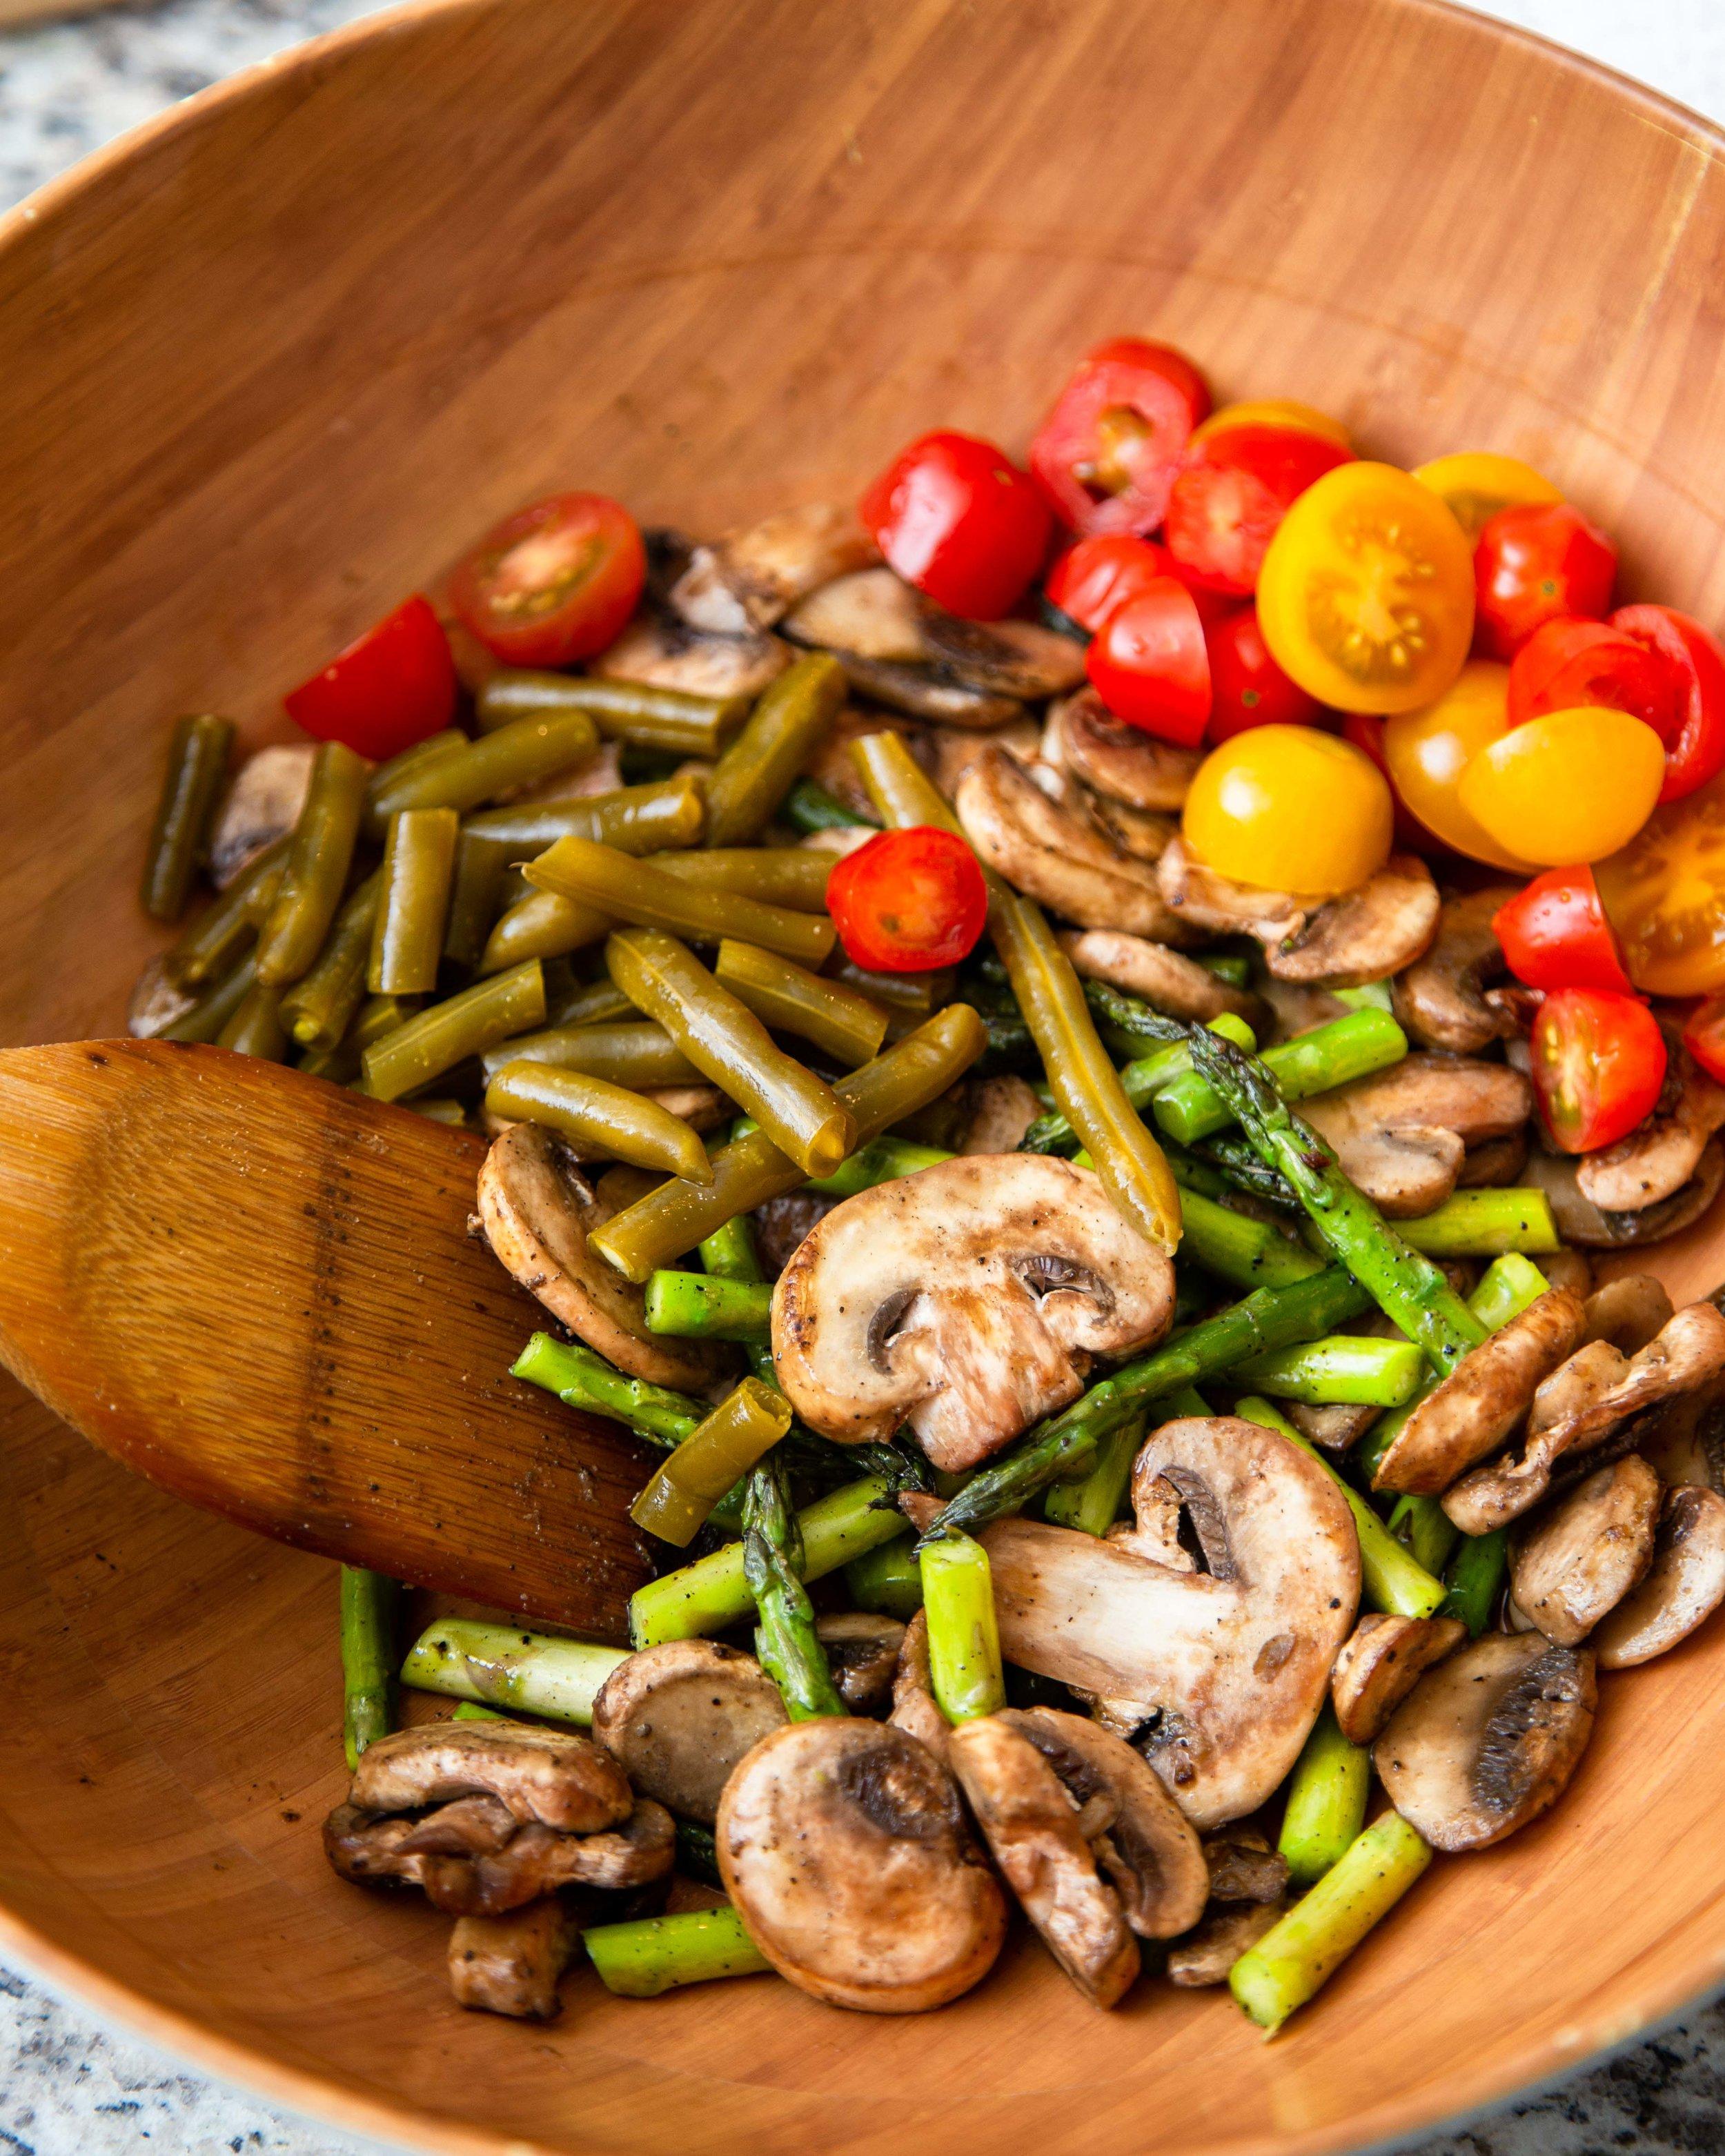 Easy Vegan Pasta Salad Recipe